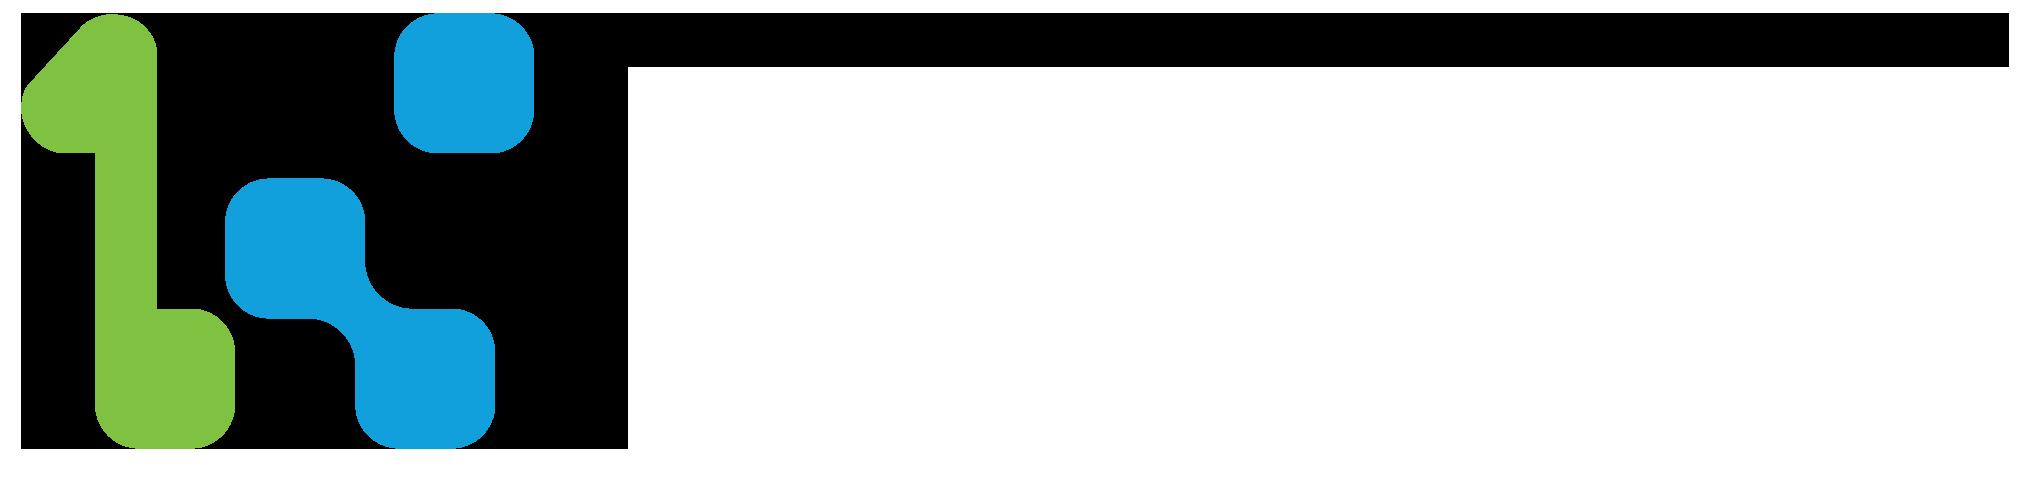 1Worx